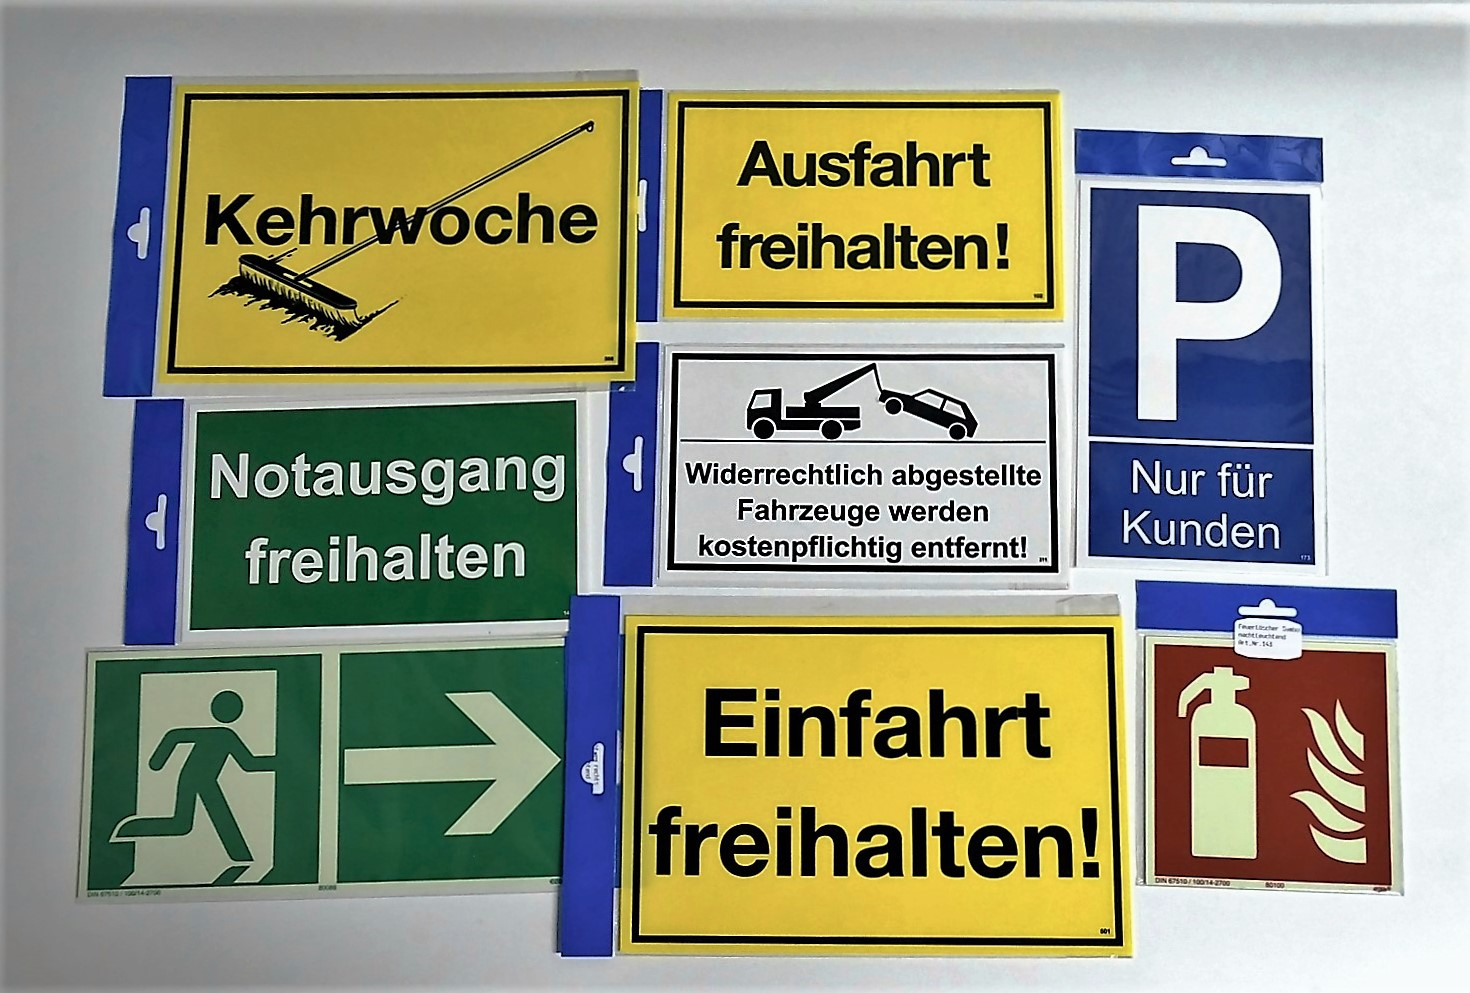 Betreten der baustelle nur für kinder  Betreten der Baustelle verboten! Eltern haften für ihre Kinder ...